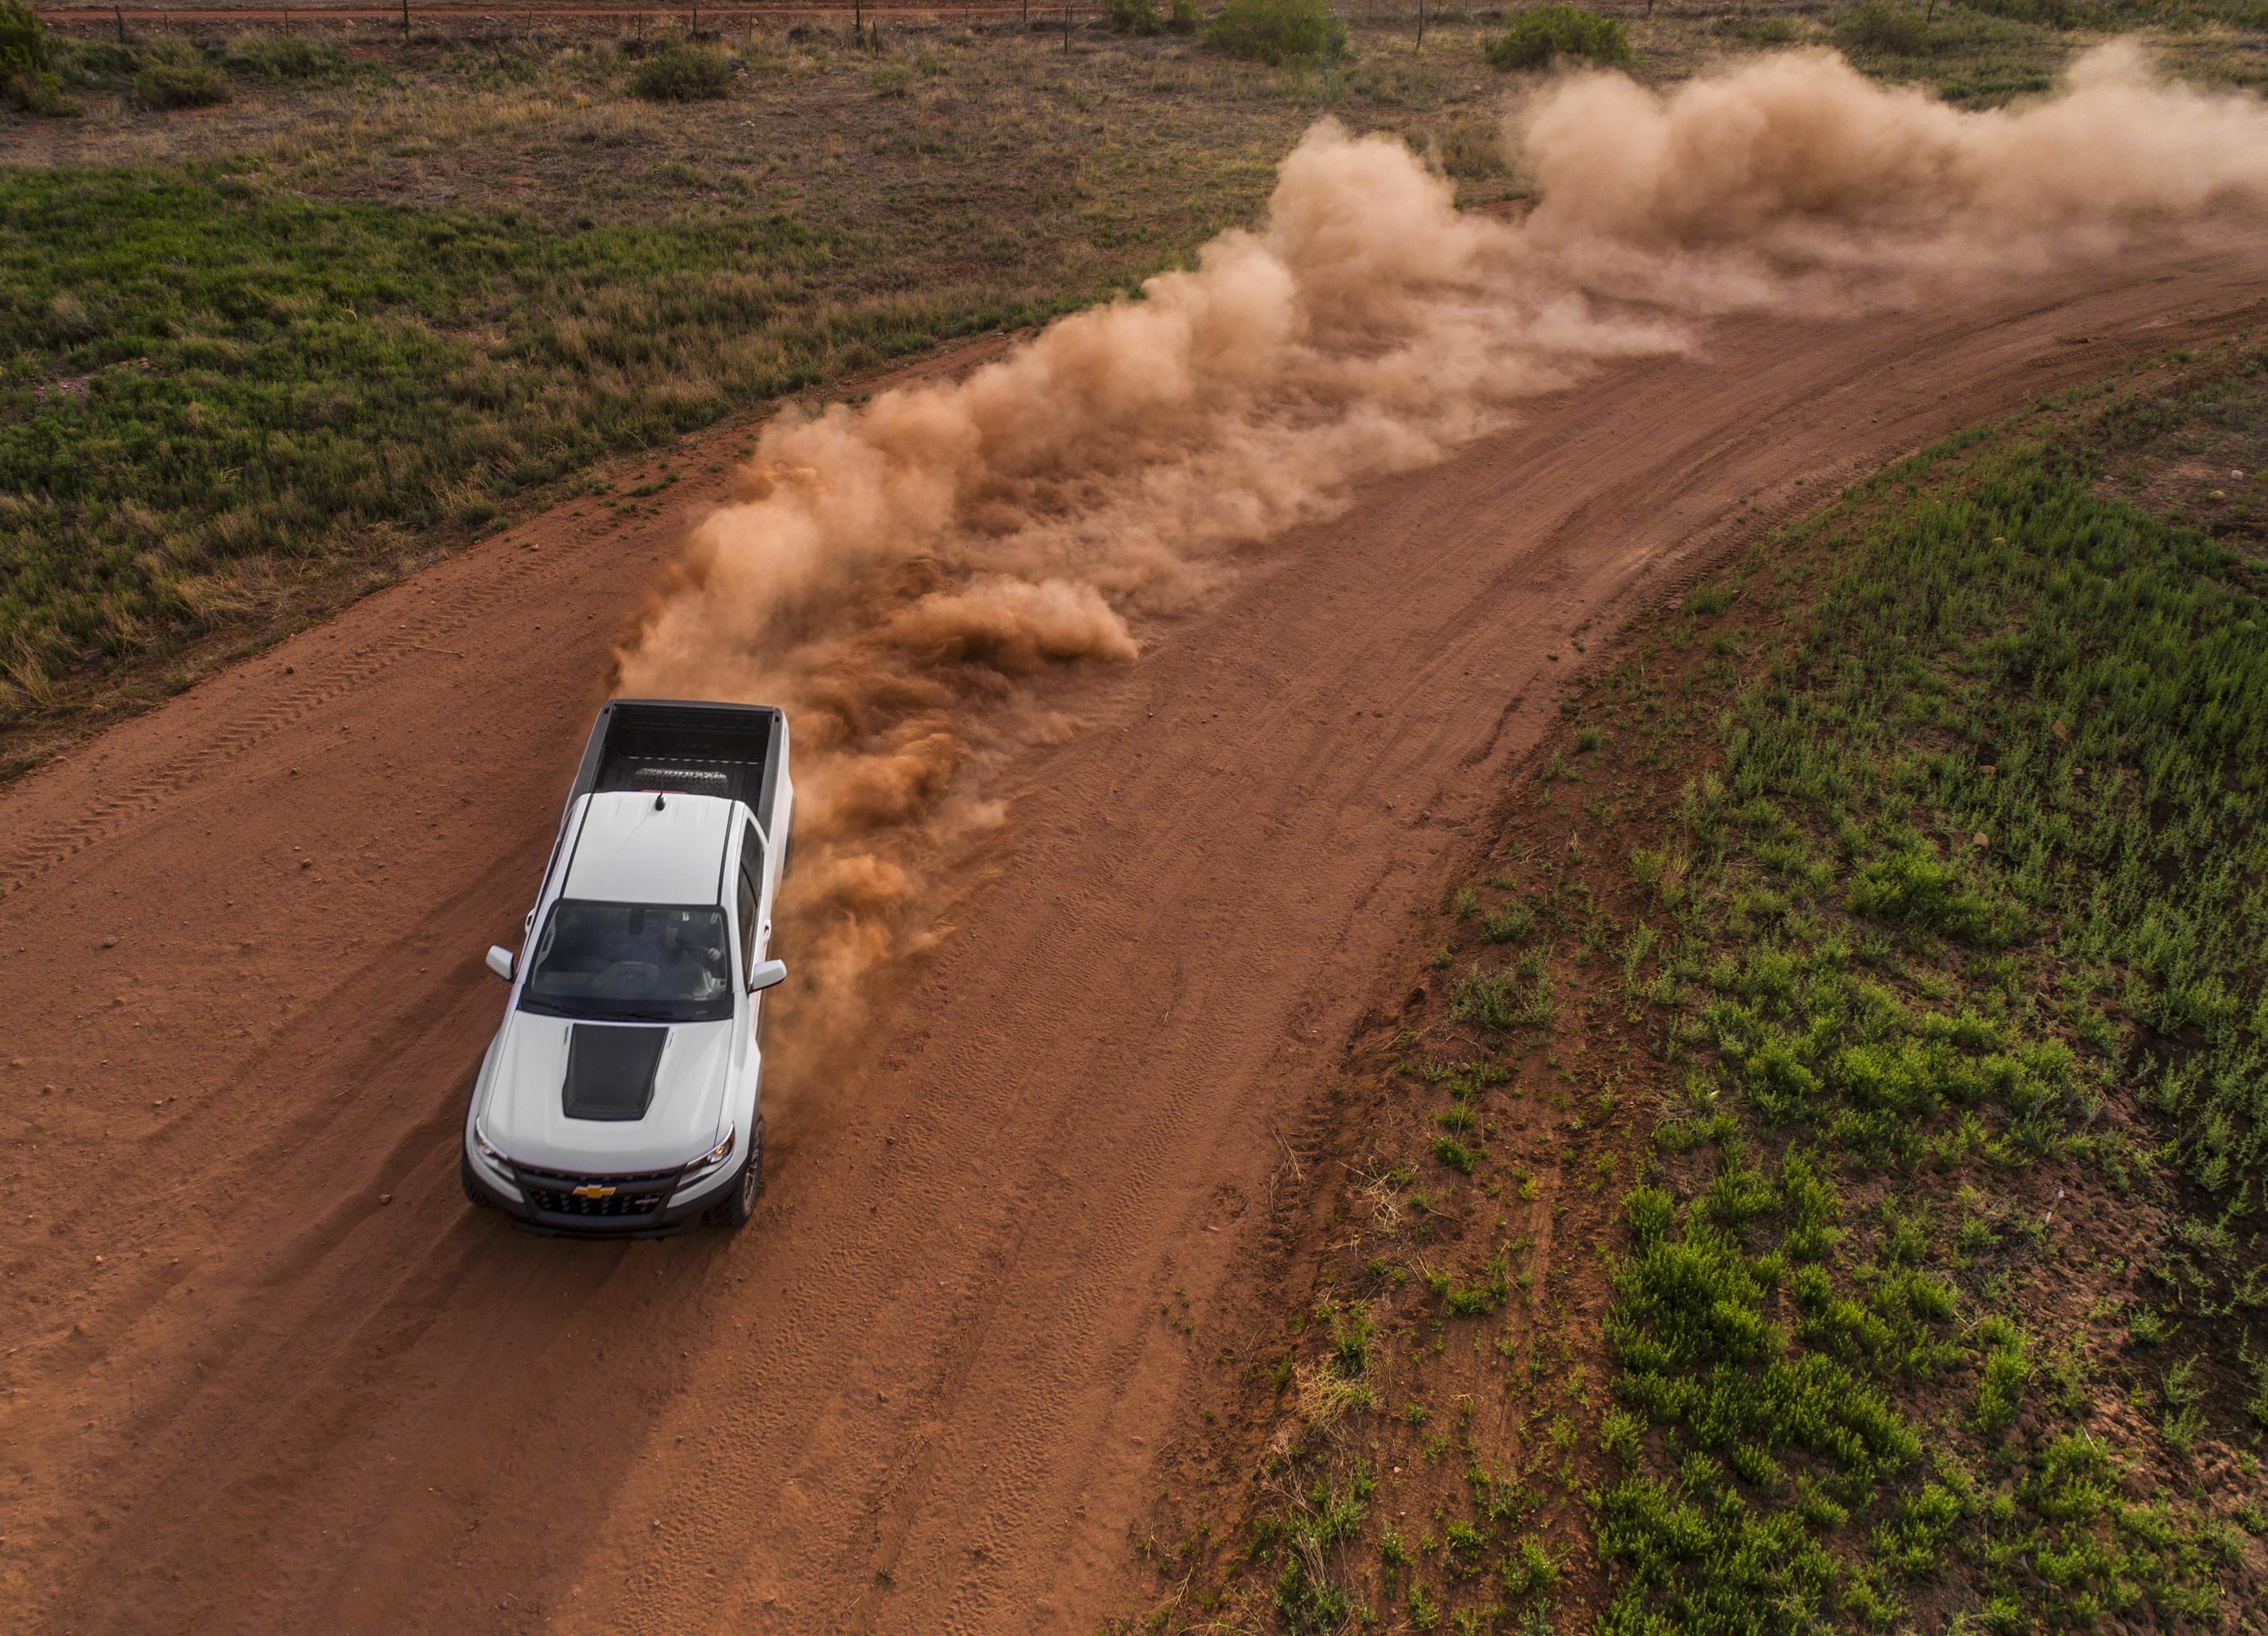 2017 Chevrolet Colorado ZR2 kicking up dirt